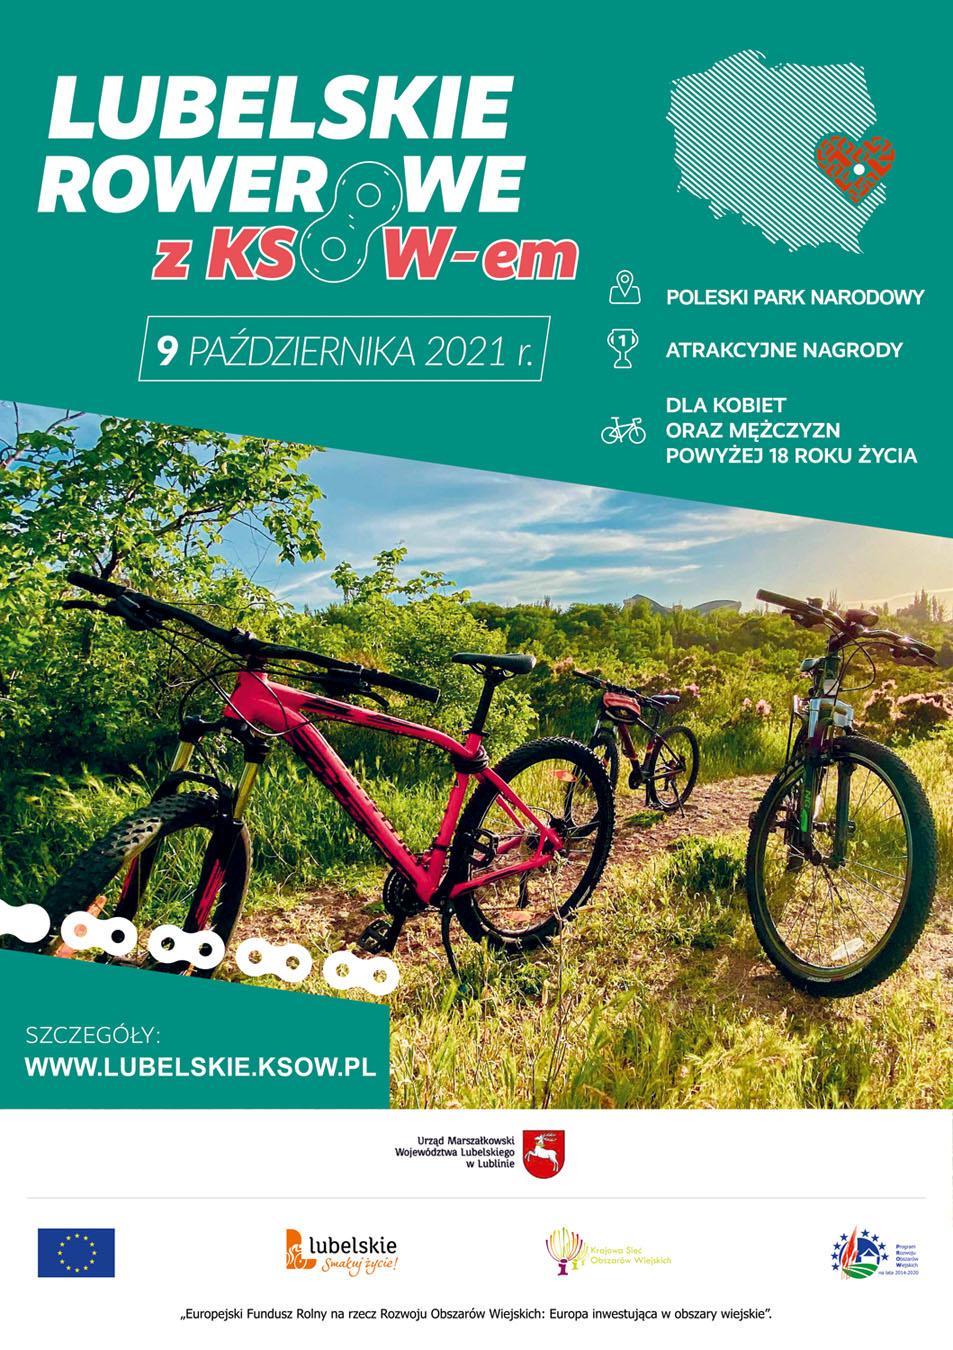 """Grafika zawiera tekst: """"Lubelskie Rowerowe z KSOW-em"""", poniżej """"9 października 2021 r., Poleski Park Narodowy, atrakcyjne nagrody dla kobiet oraz mężczyzn powyżej 18 roku życia. SZCZEGÓŁY: www.lubelskie.ksow.pl"""